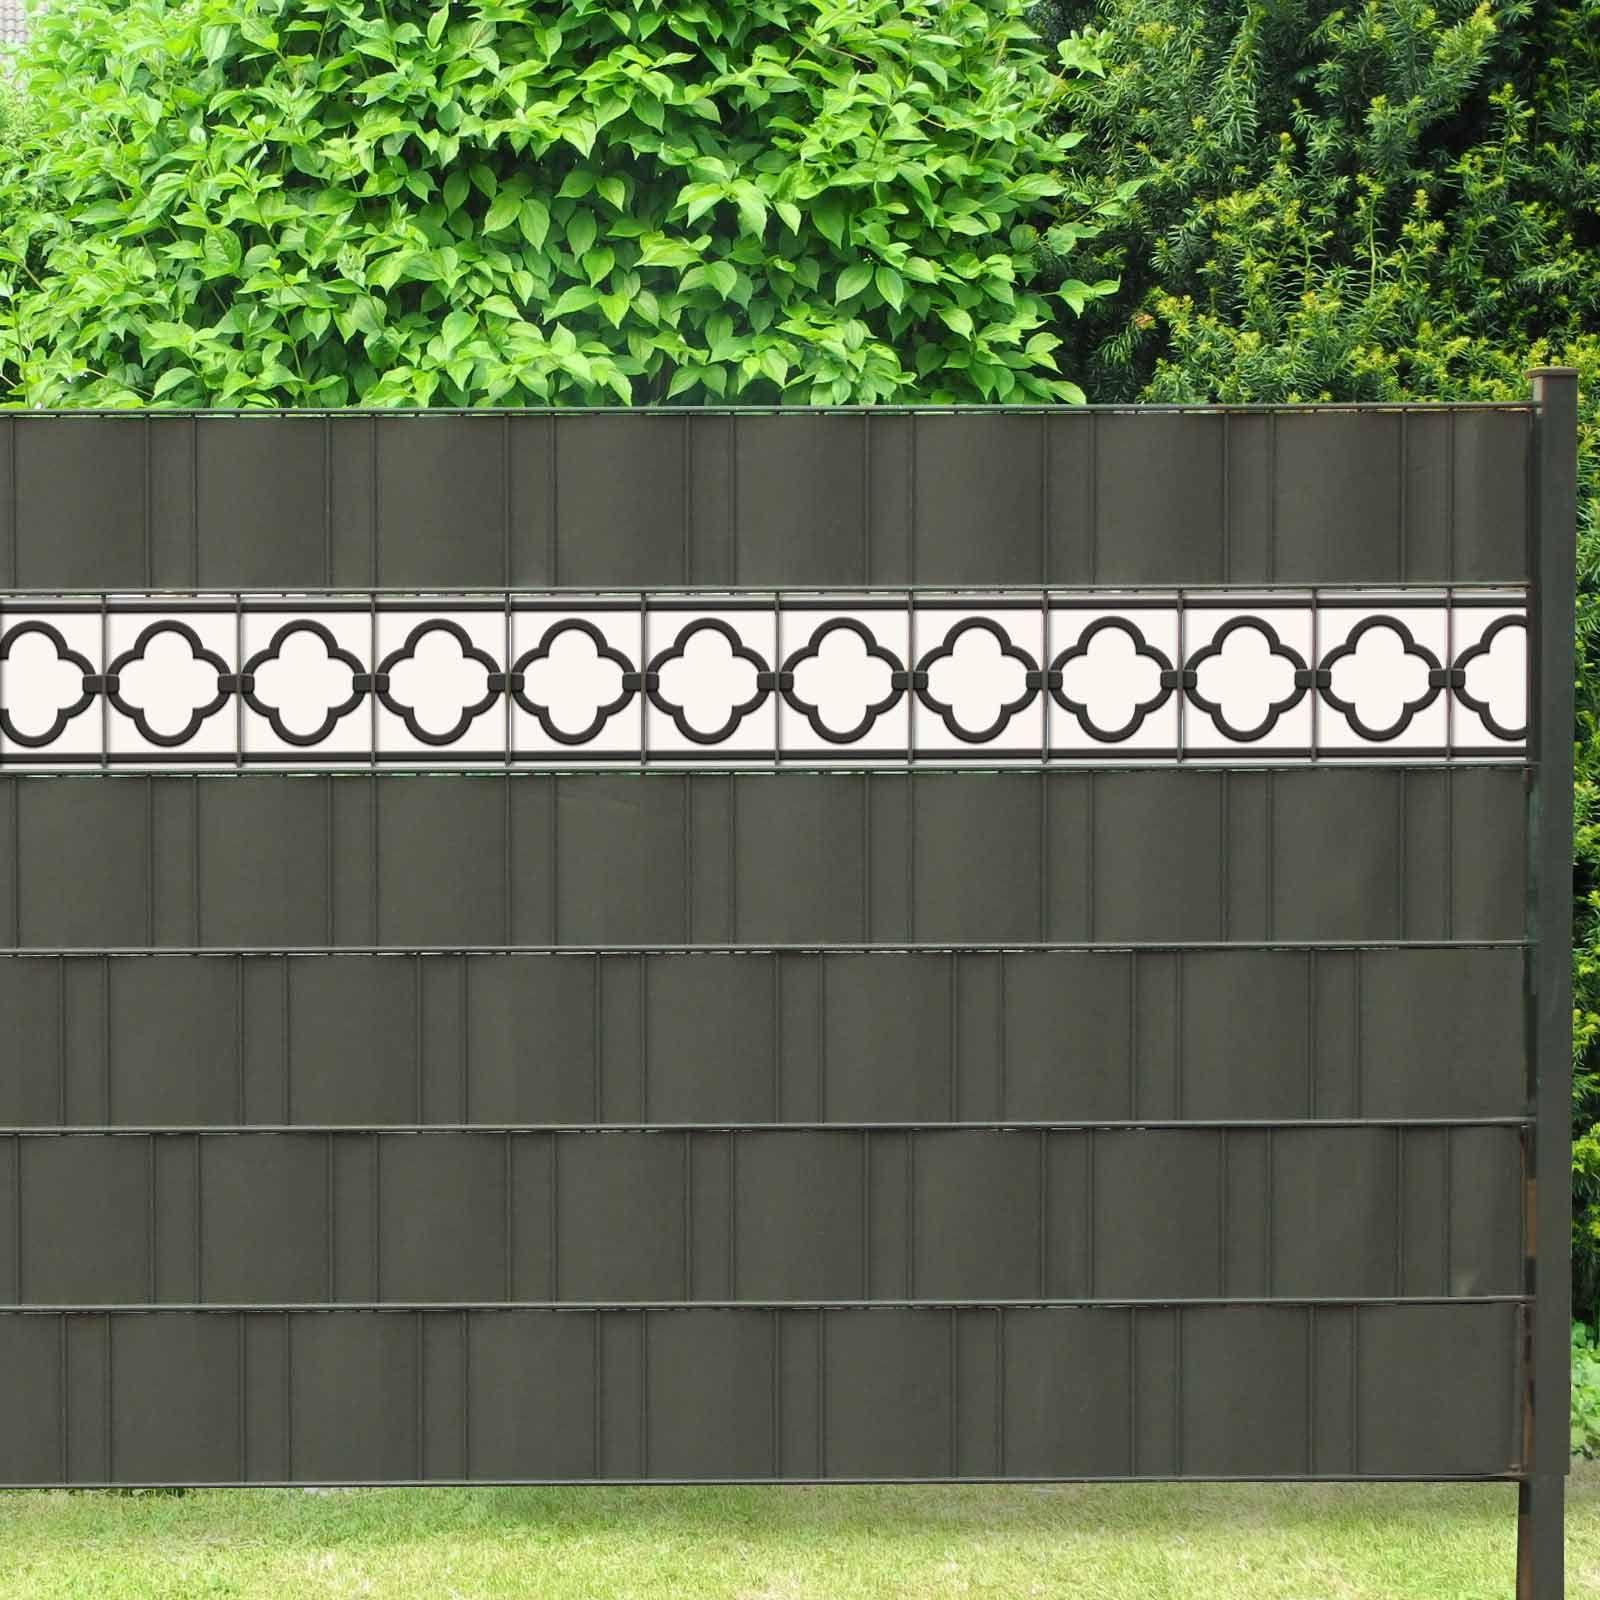 Pvc Design Zaunbordure Motiv Florenz Zaun Zaun Sichtschutz